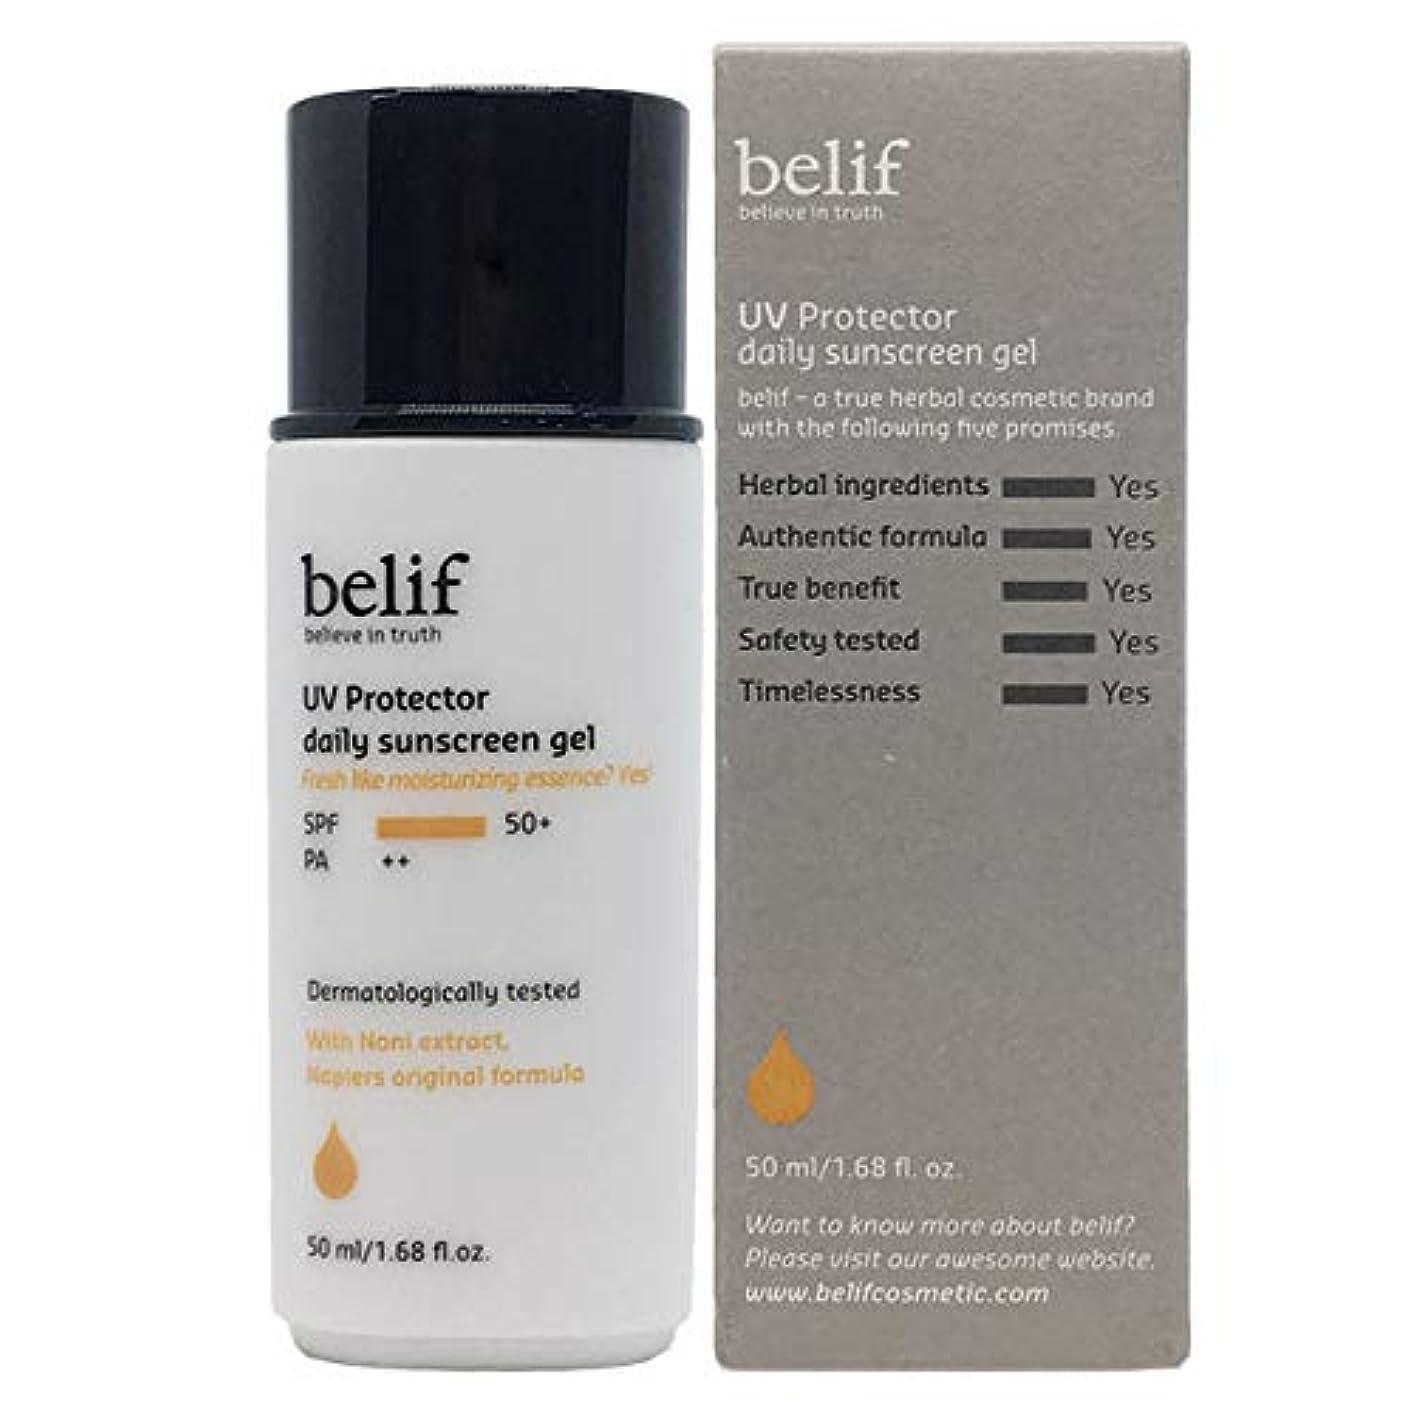 入射量で争いBelif(ビリーフ)UV Protector Daily Sunscreen Gel 50ml/ビリーフUVプロテクター サンスクリーン ジェル